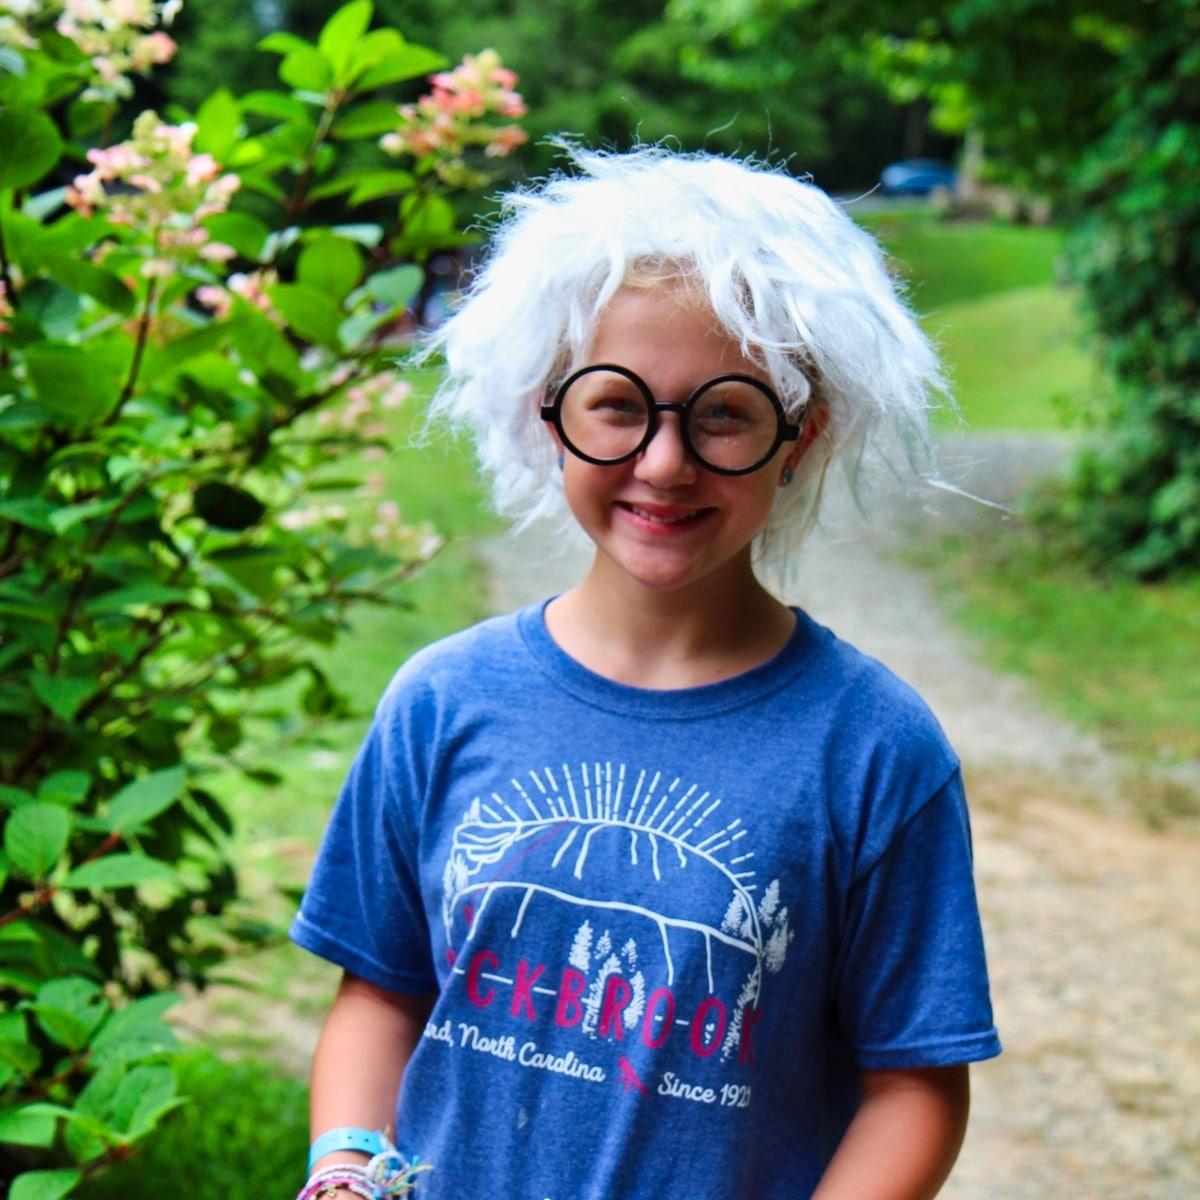 scientist costume girl